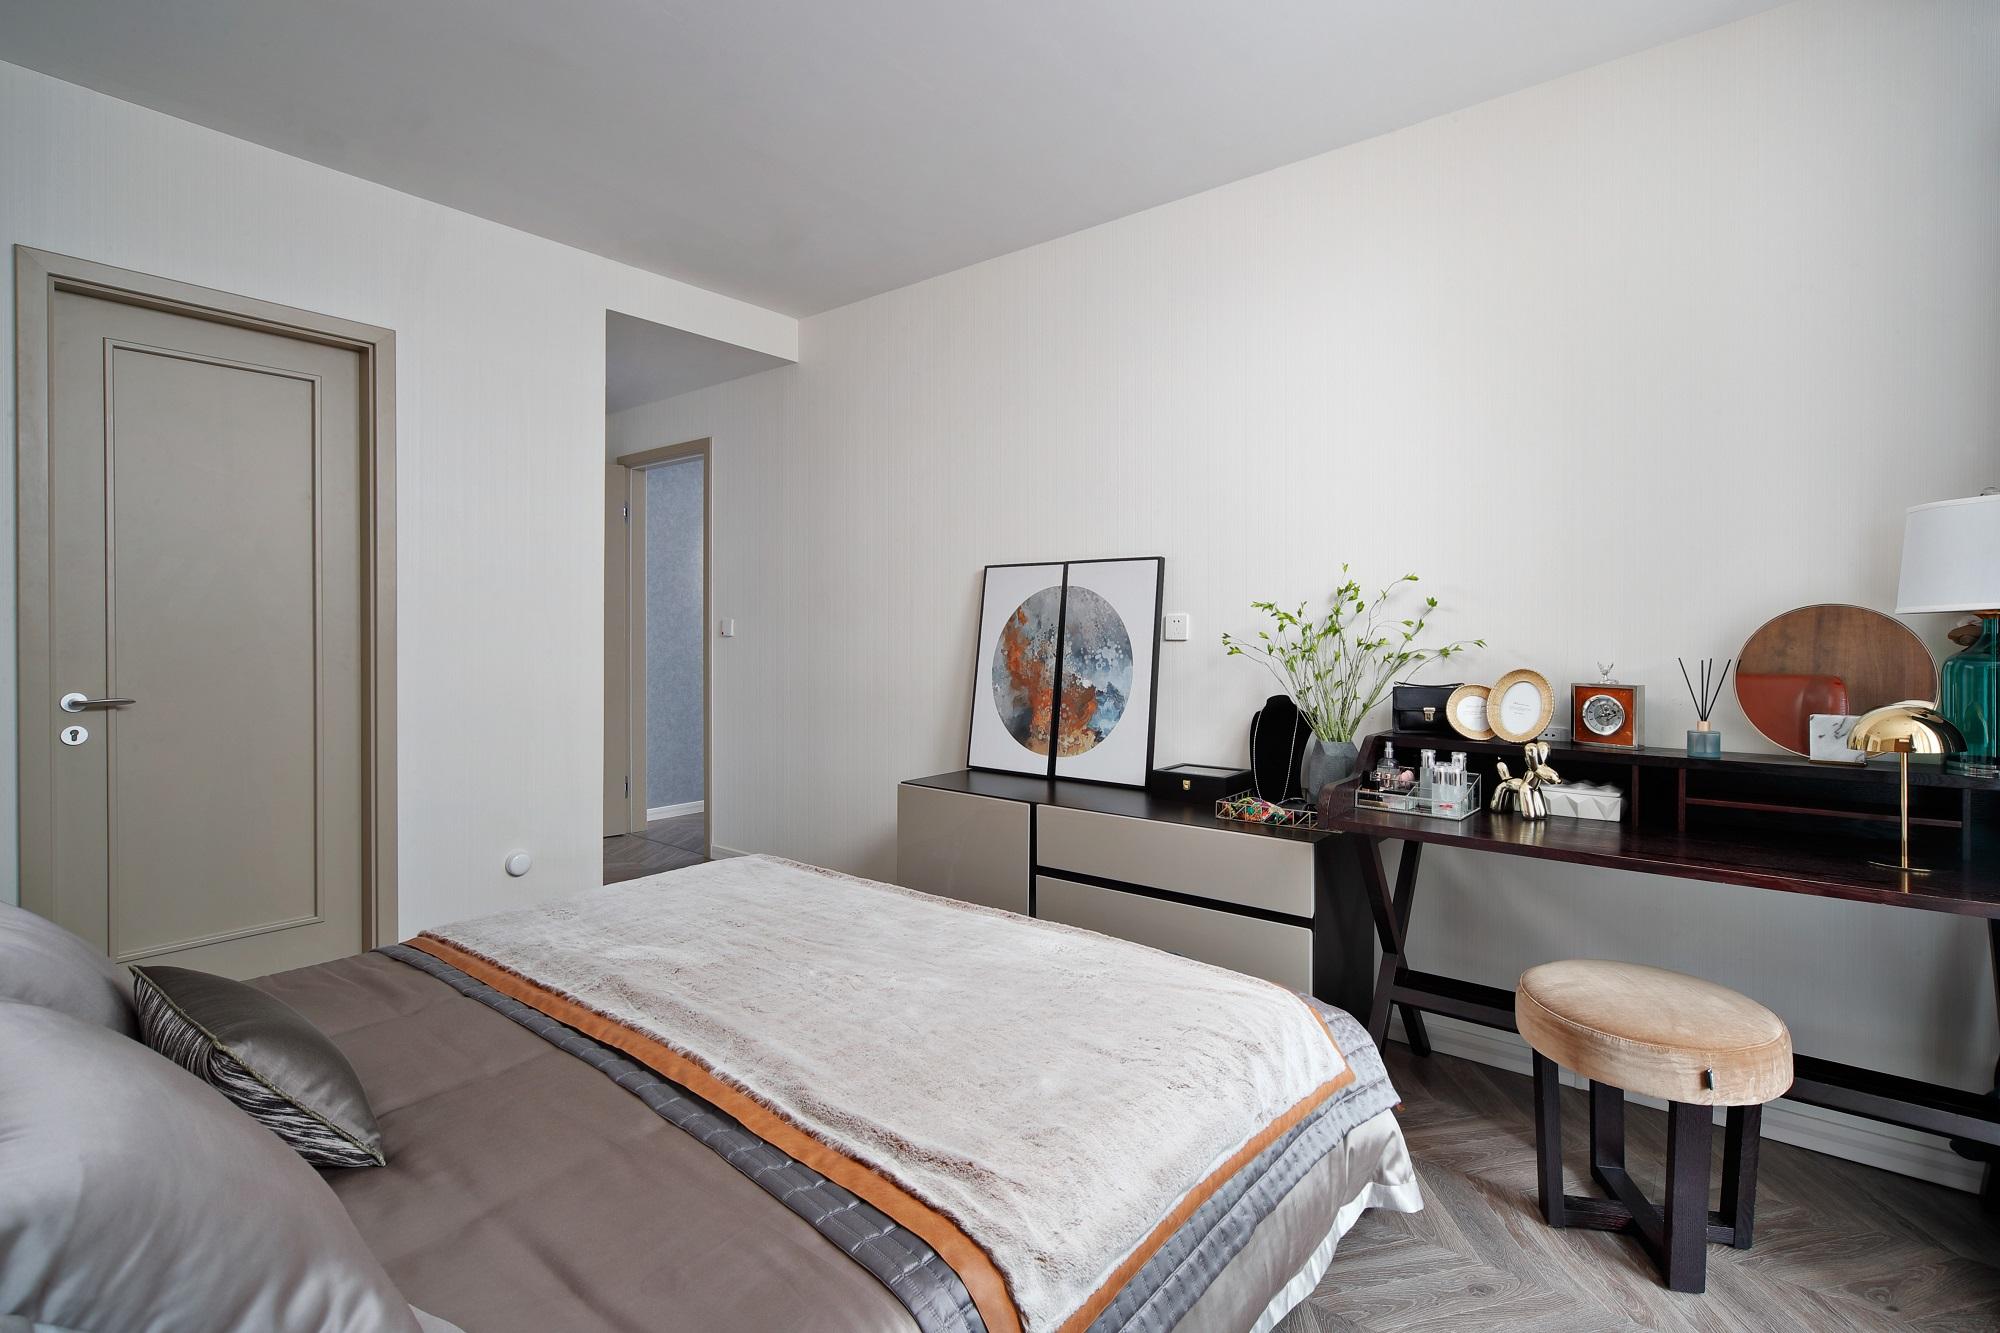 床头斗柜可以作为书柜等物品收纳区,上面摆放着艺术画、各种小工艺品等,为卧室空间增添了一抹艺术气息。